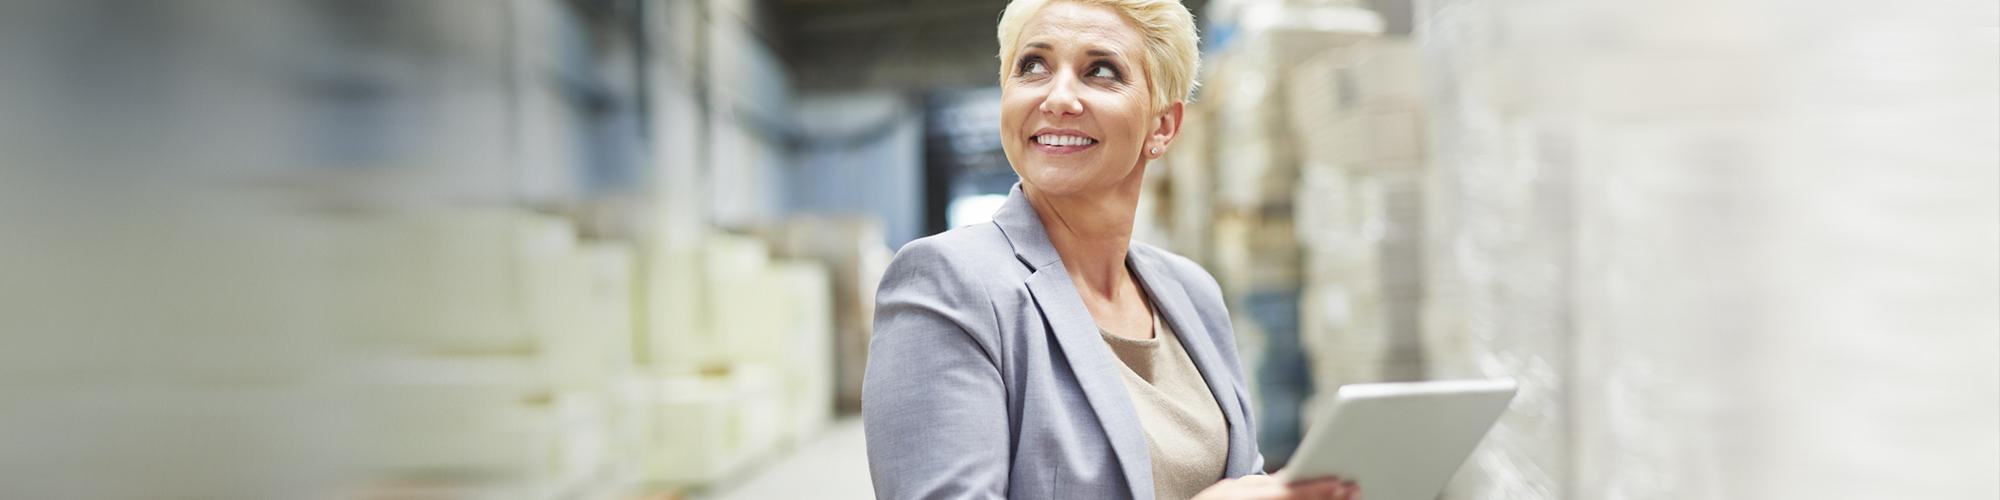 Sage 100 Vorteilsaktion zum Jahresende: Bild einer lächelnden Sage-Anwenderin mit Tablet in einer Lagerhalle